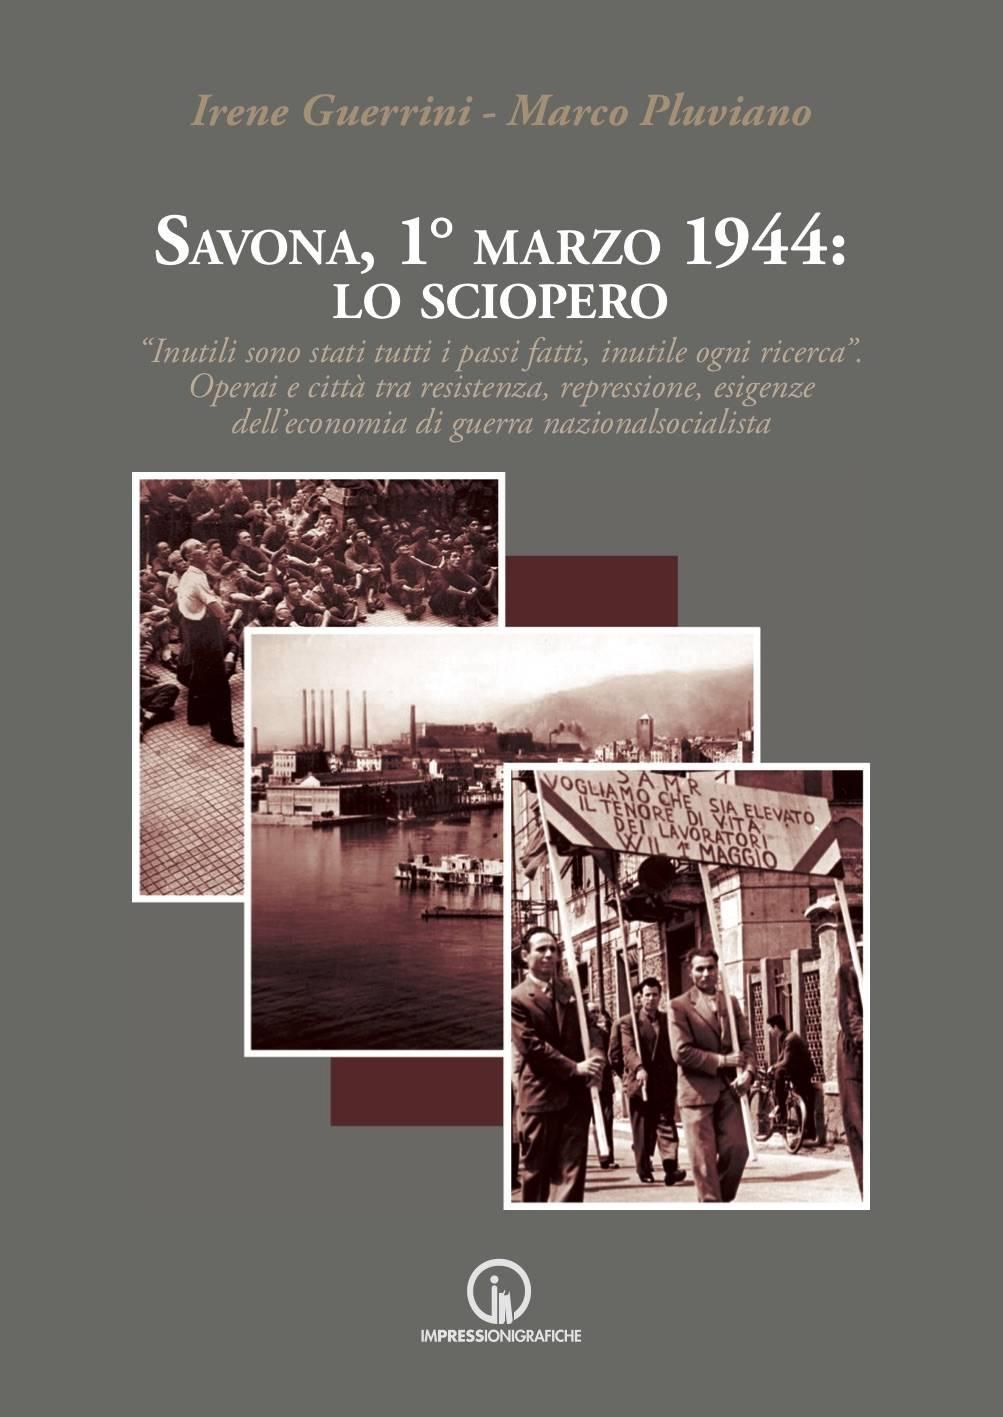 """""""Savona, 1° marzo 1944: lo sciopero"""" libro Irene Guerrini e Marco Pluviano"""